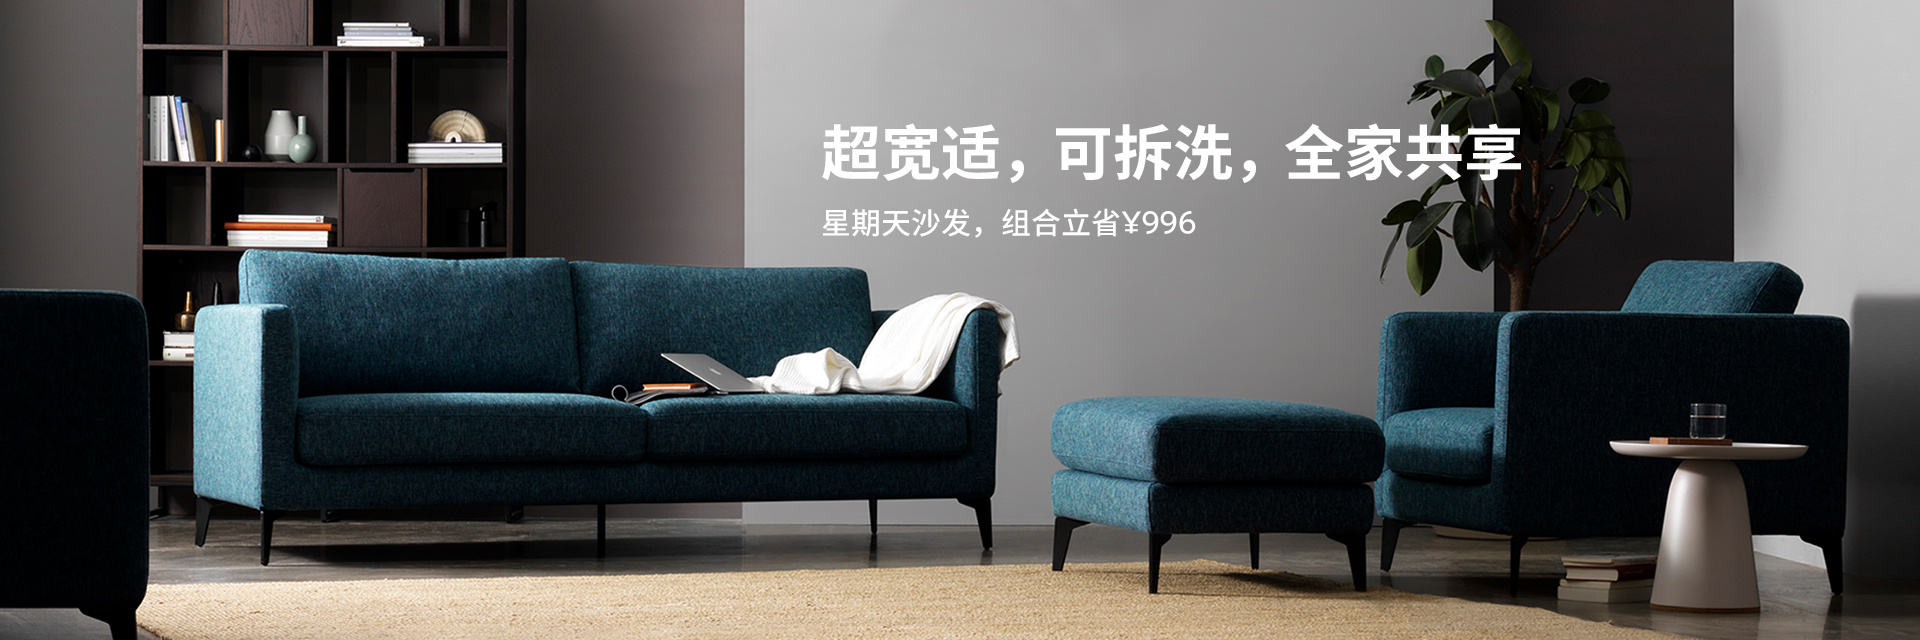 星期天沙发 组合立省¥996